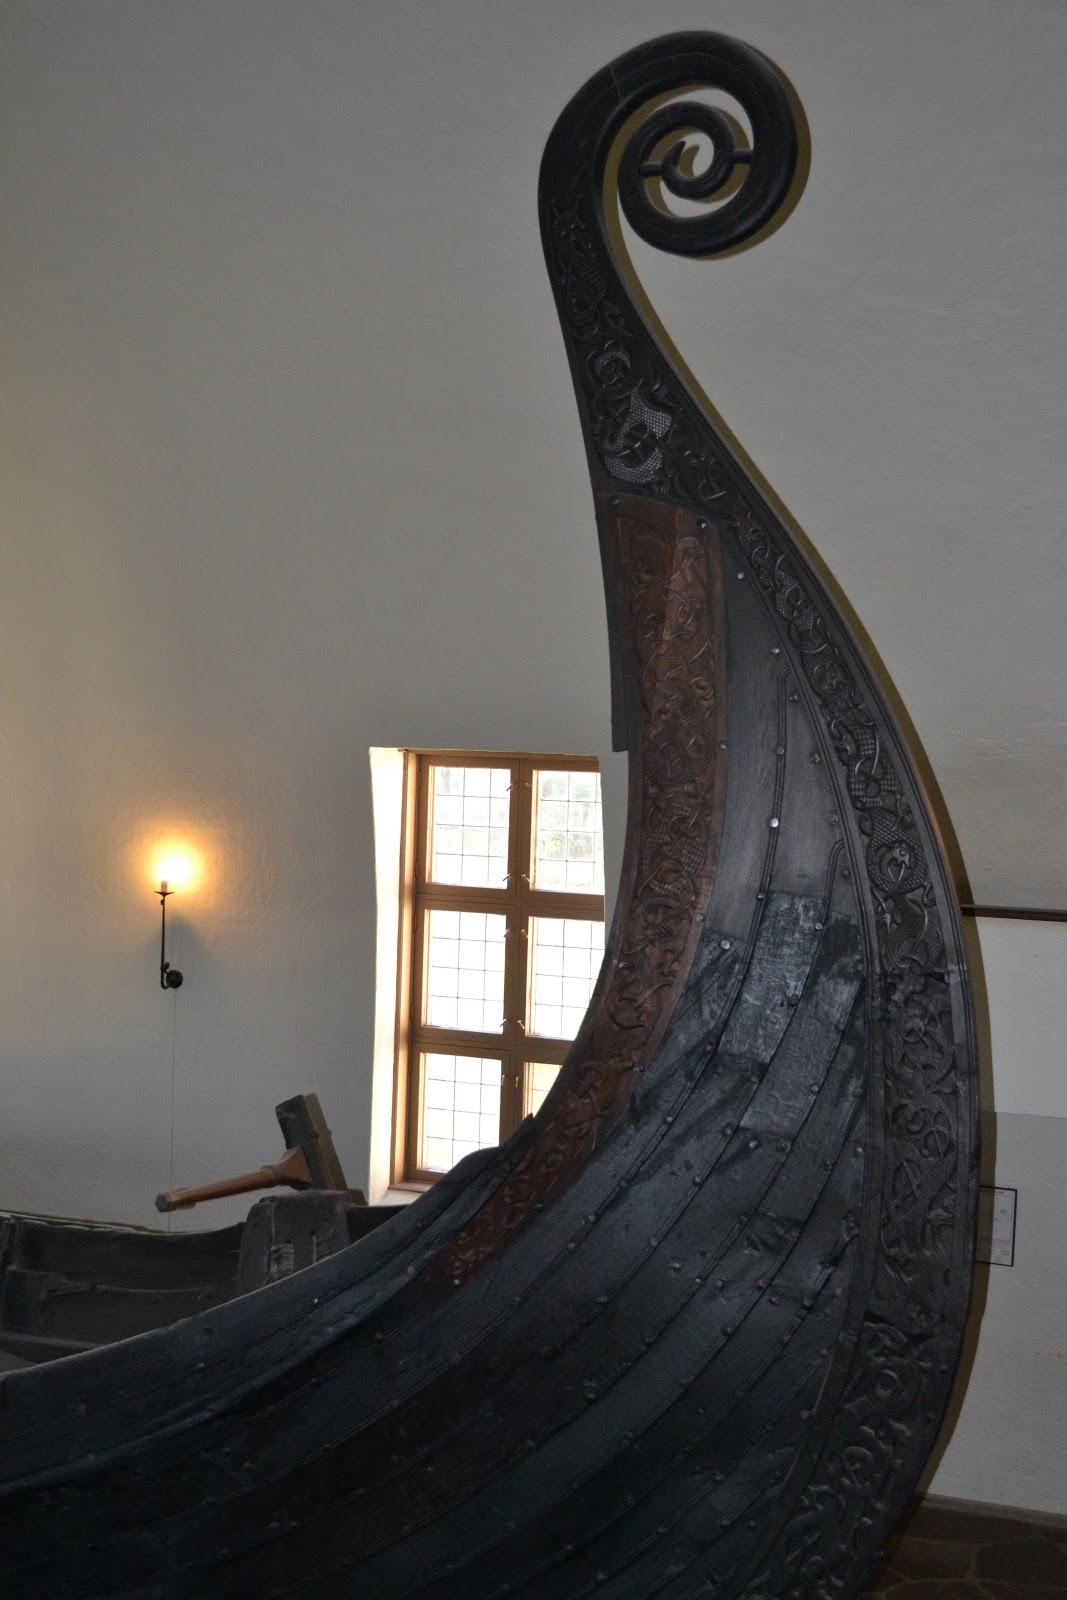 Closure look of Viking ships